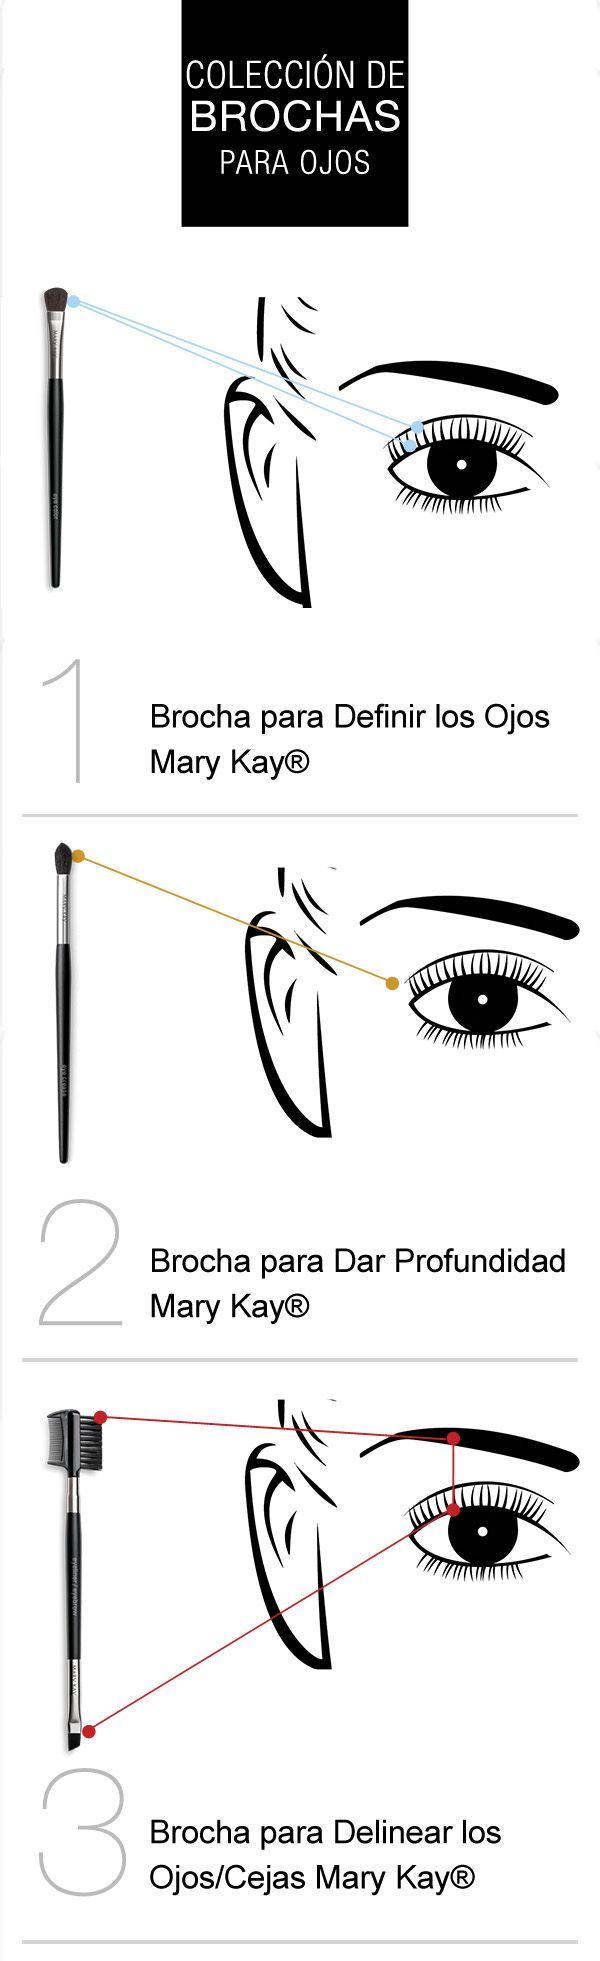 Para unos looks de ojos dignos de una profesional, asegúrate de utilizar las brochas adecuadas y acuérdate de que difuminar es primordial.